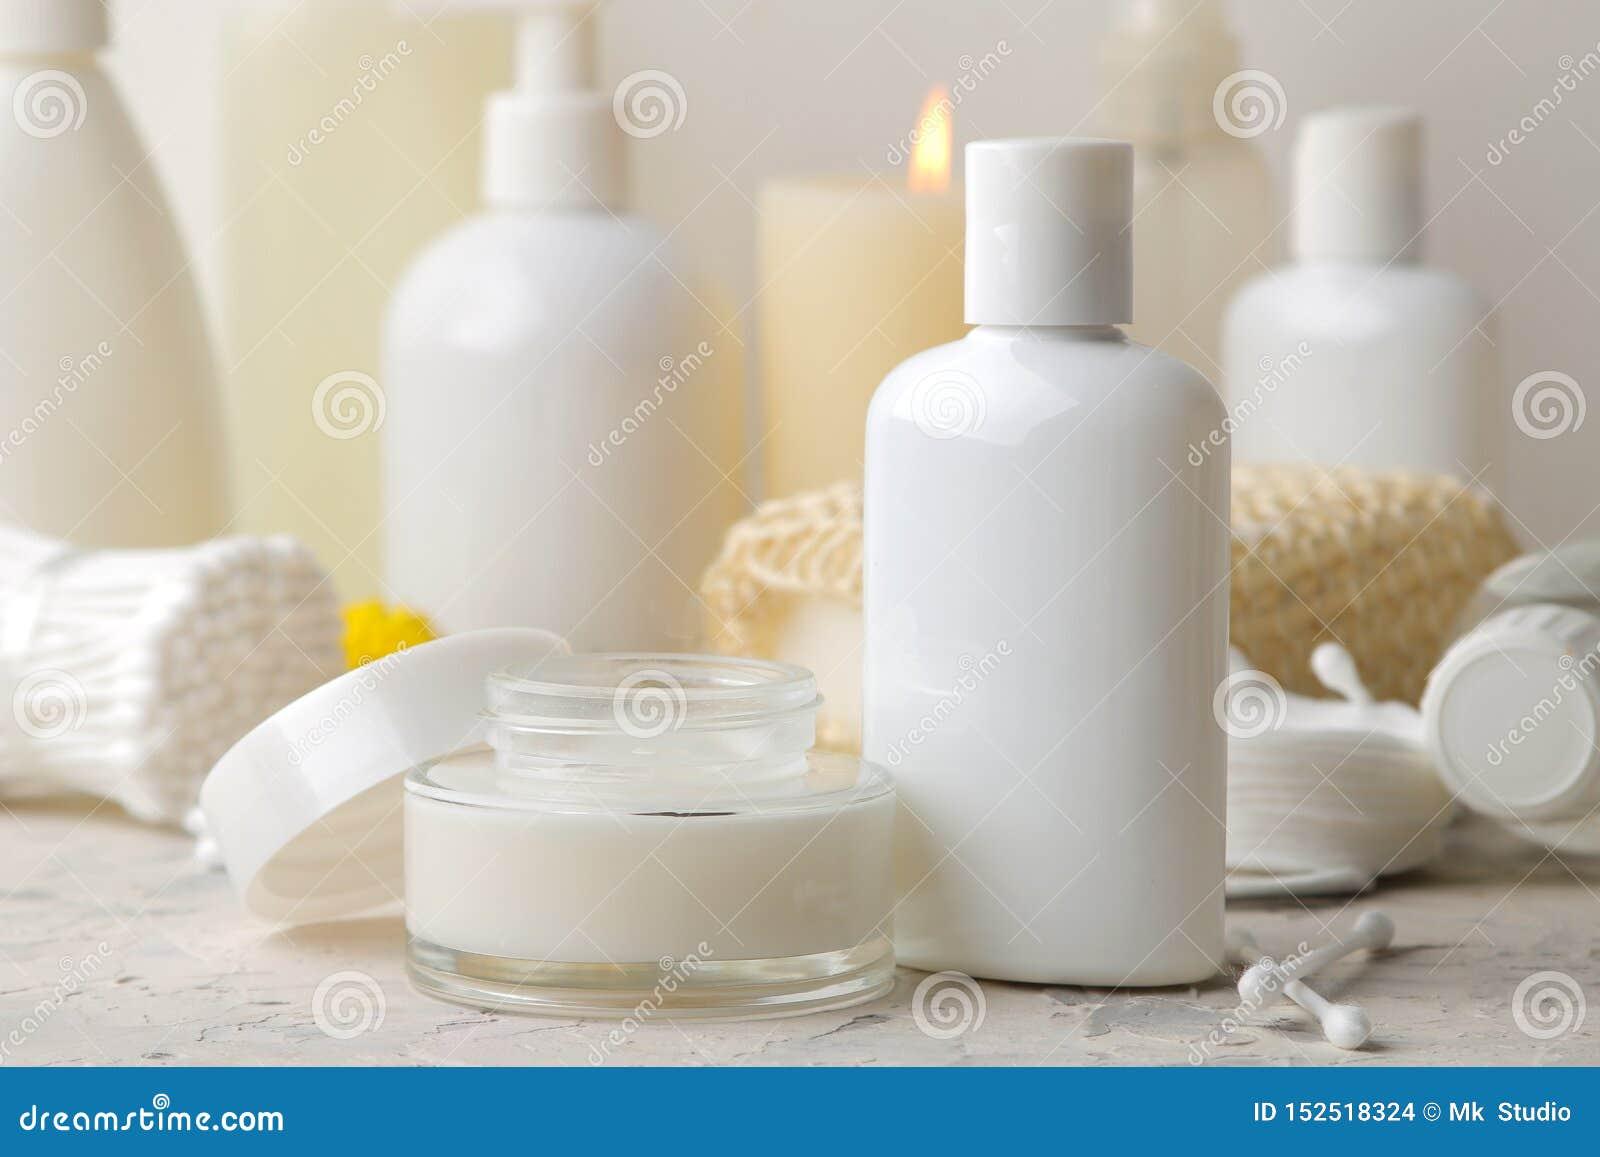 Produkte der pers?nlichen Hygiene K?rperpflegekosmetik Weiße Flaschen und Phiolen auf einem hellen Hintergrund Badekurort relax